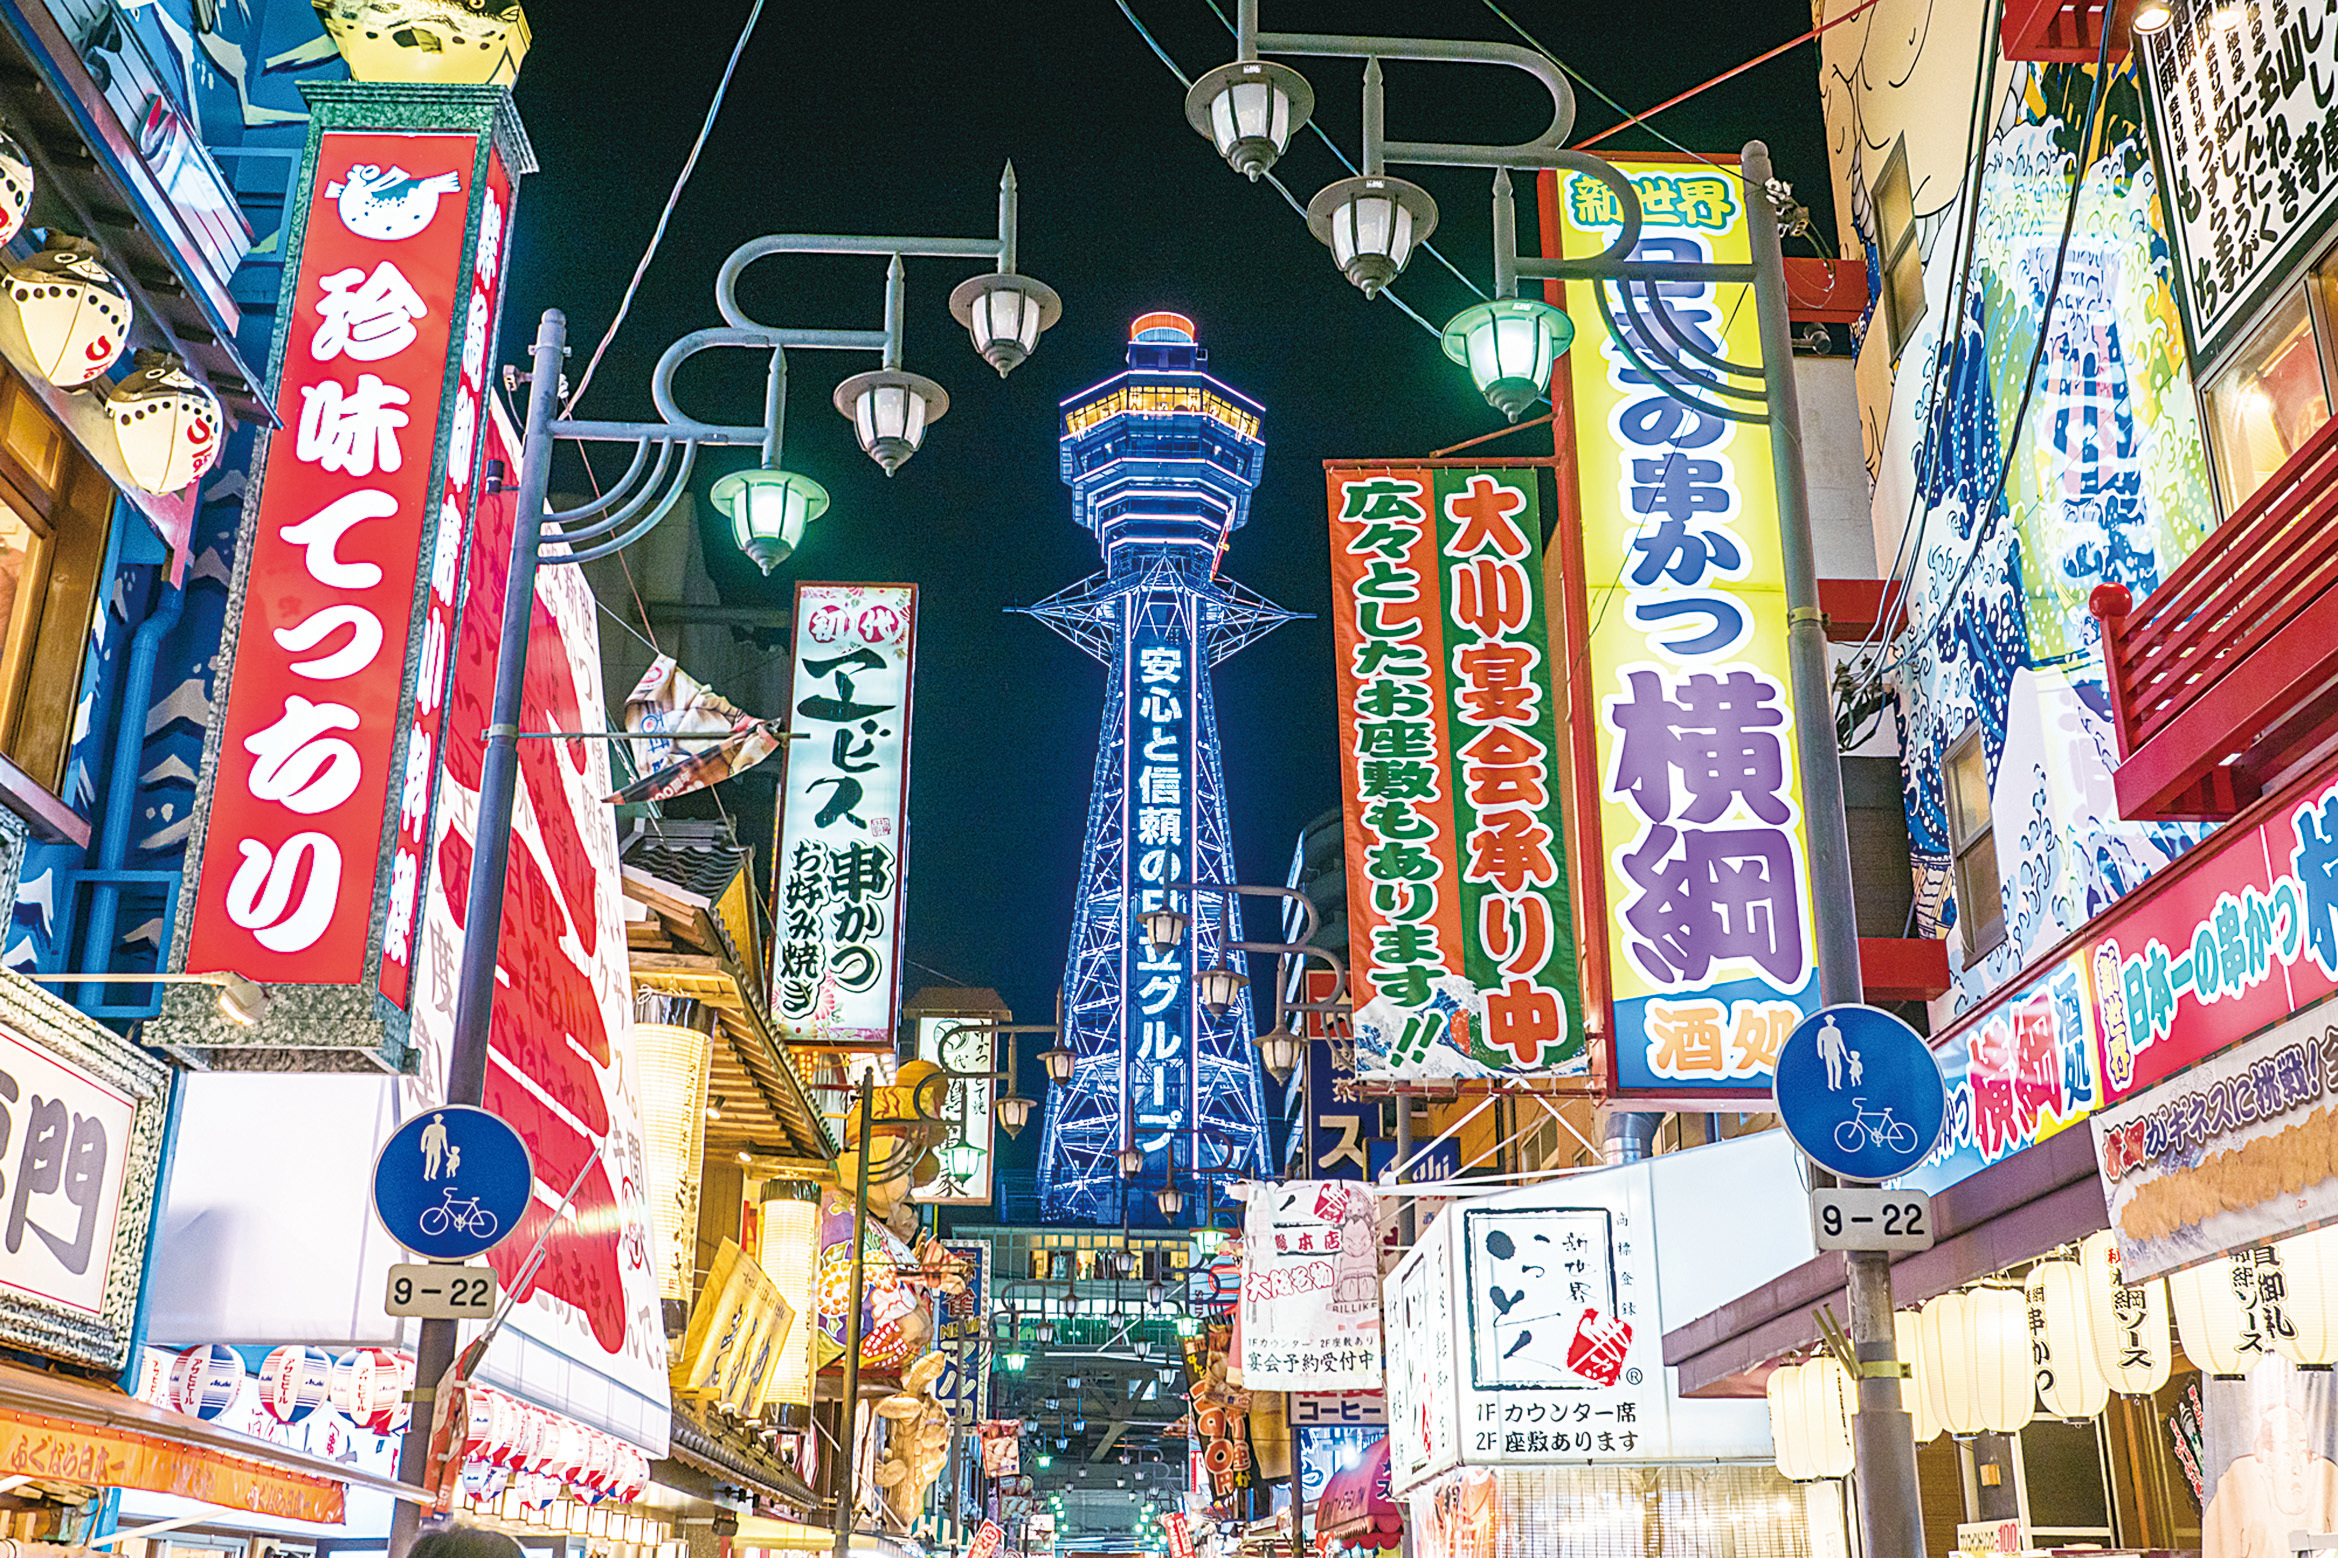 日本文化之八卦關西 (1)